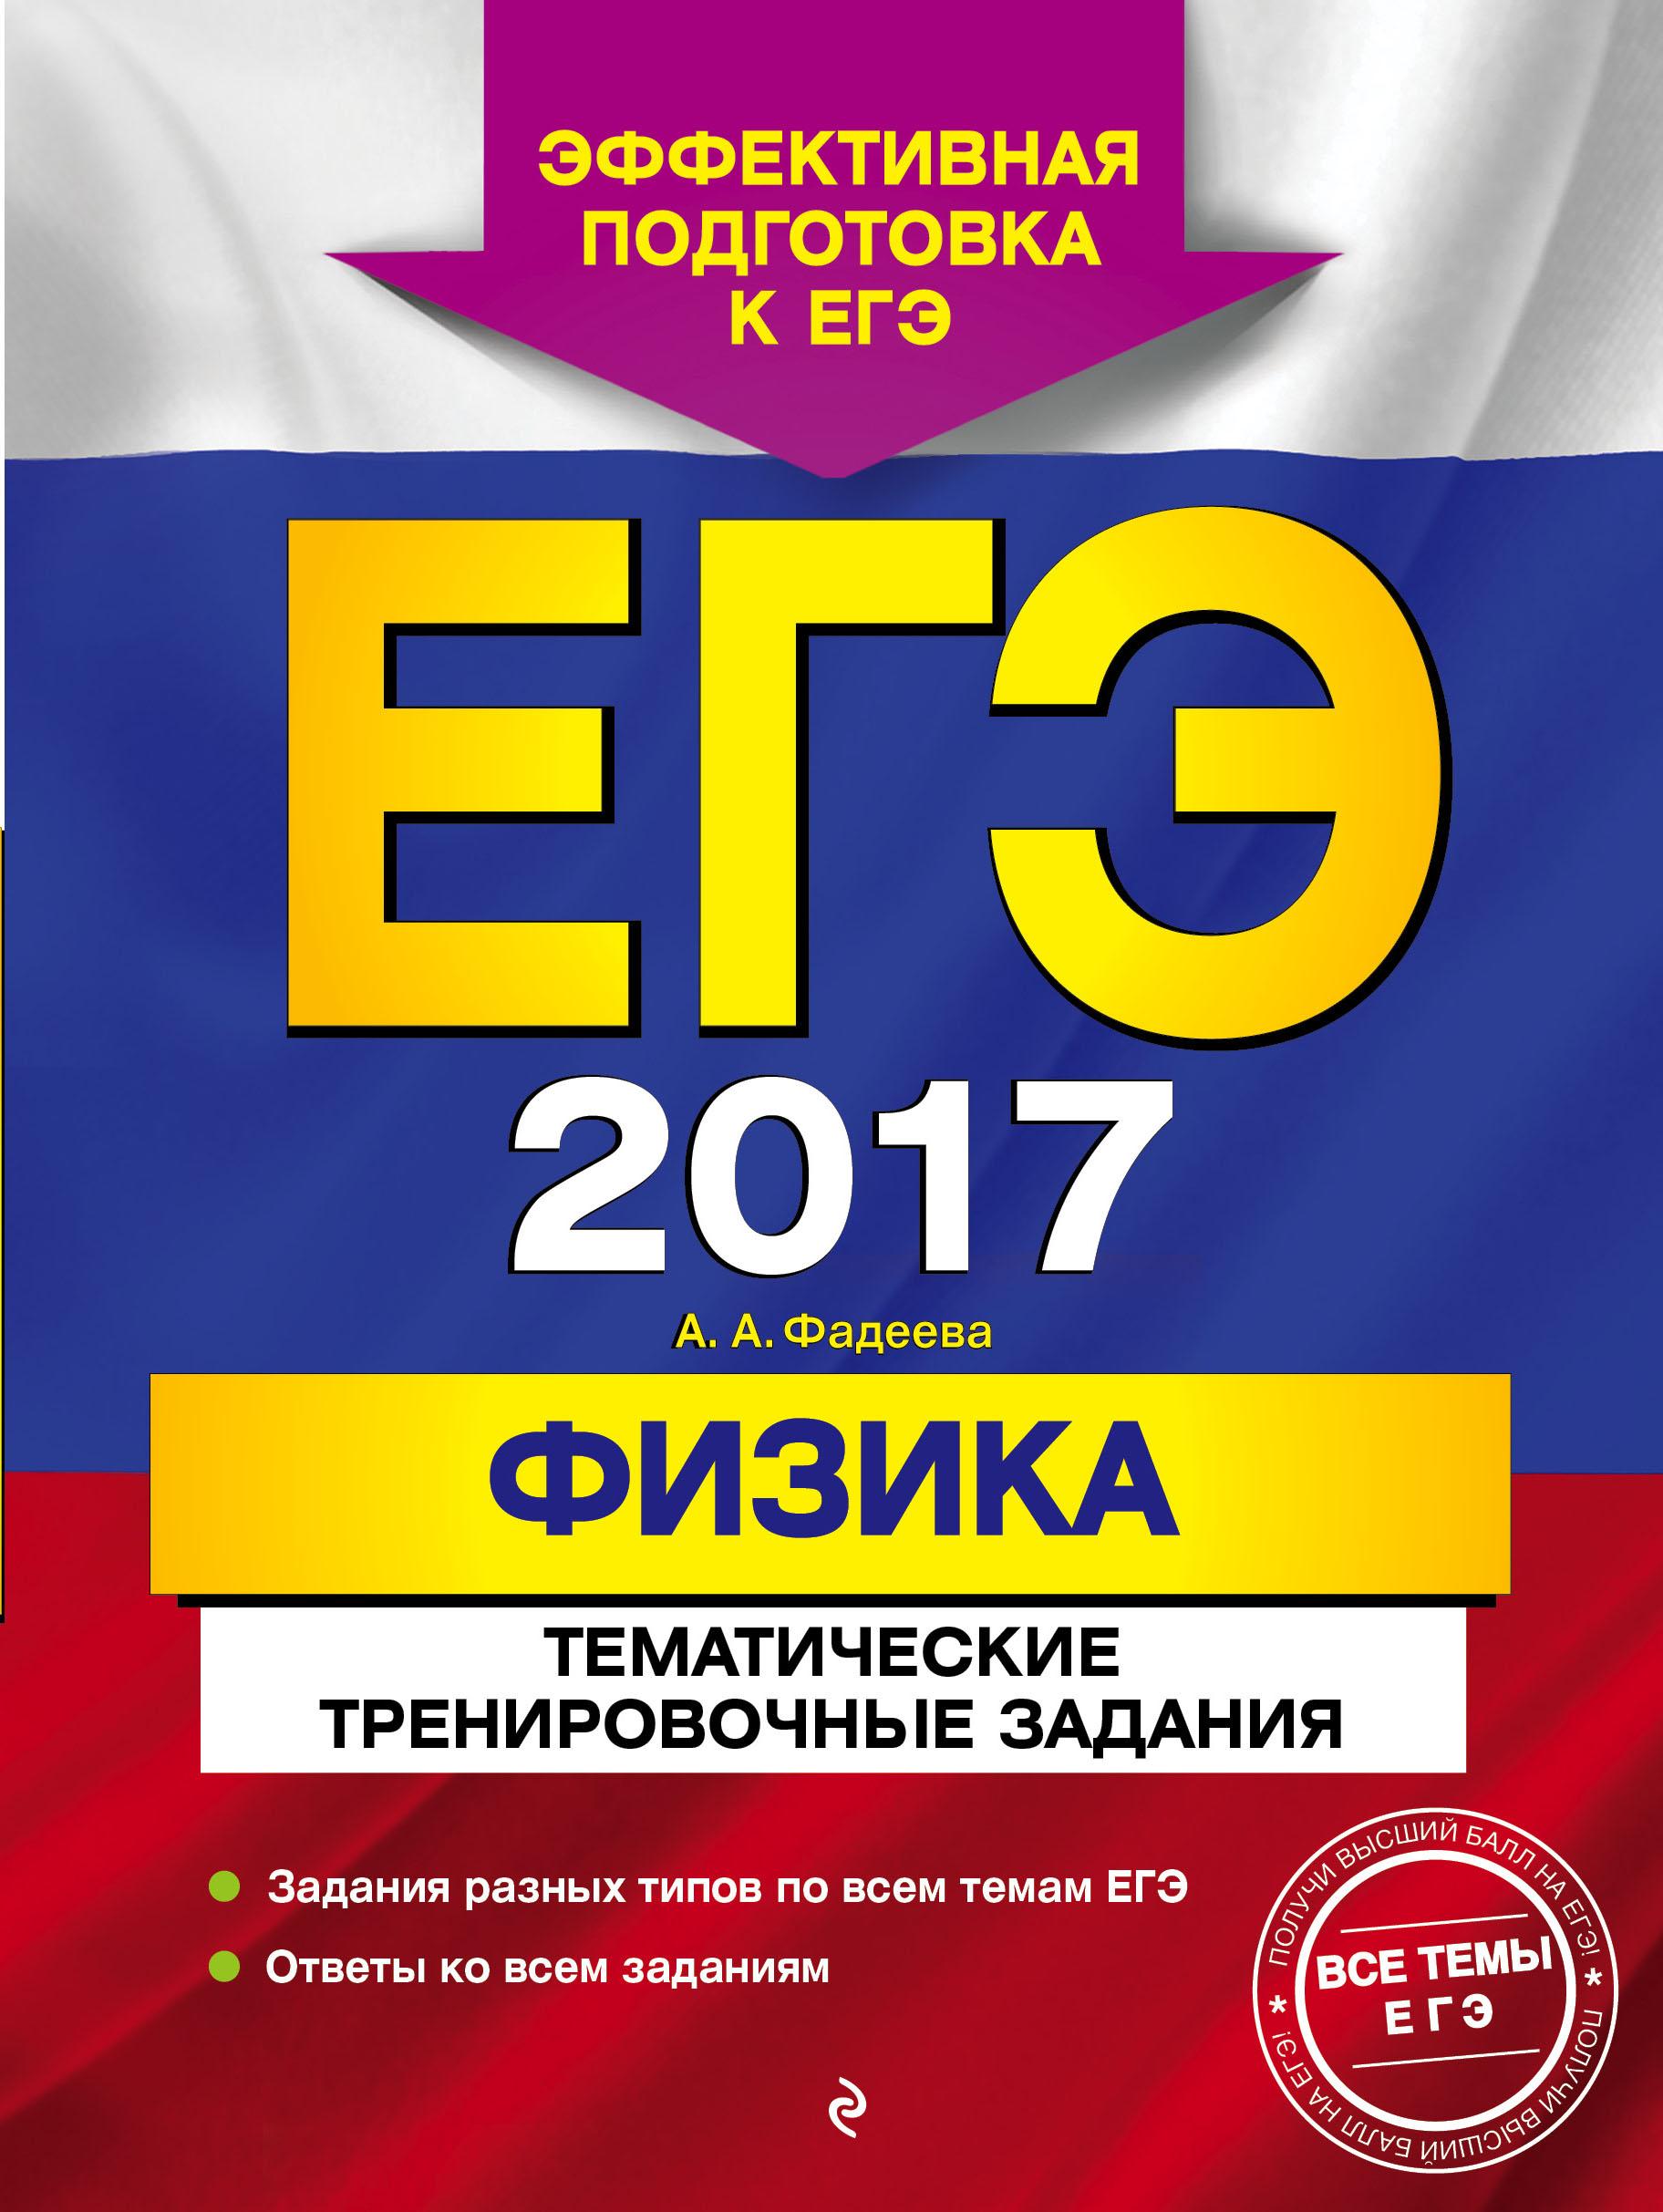 ЕГЭ-2017. Физика. Тематические тренировочные задания от book24.ru